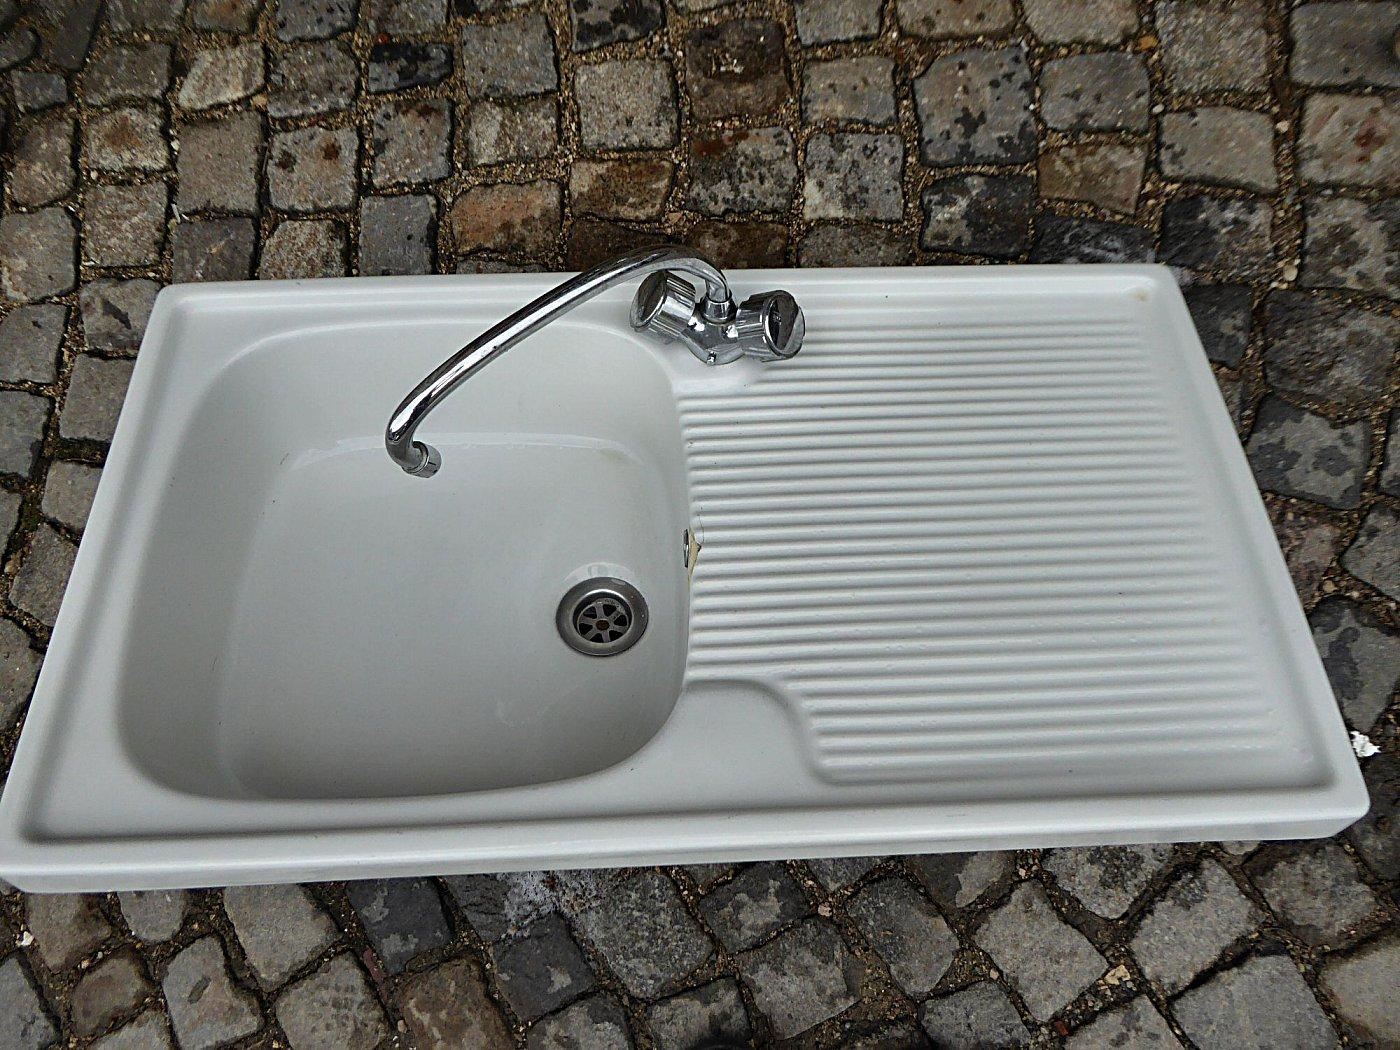 Full Size of Spülstein Keramik Italienische Kchensple Aus Waschbecken Küche Wohnzimmer Spülstein Keramik